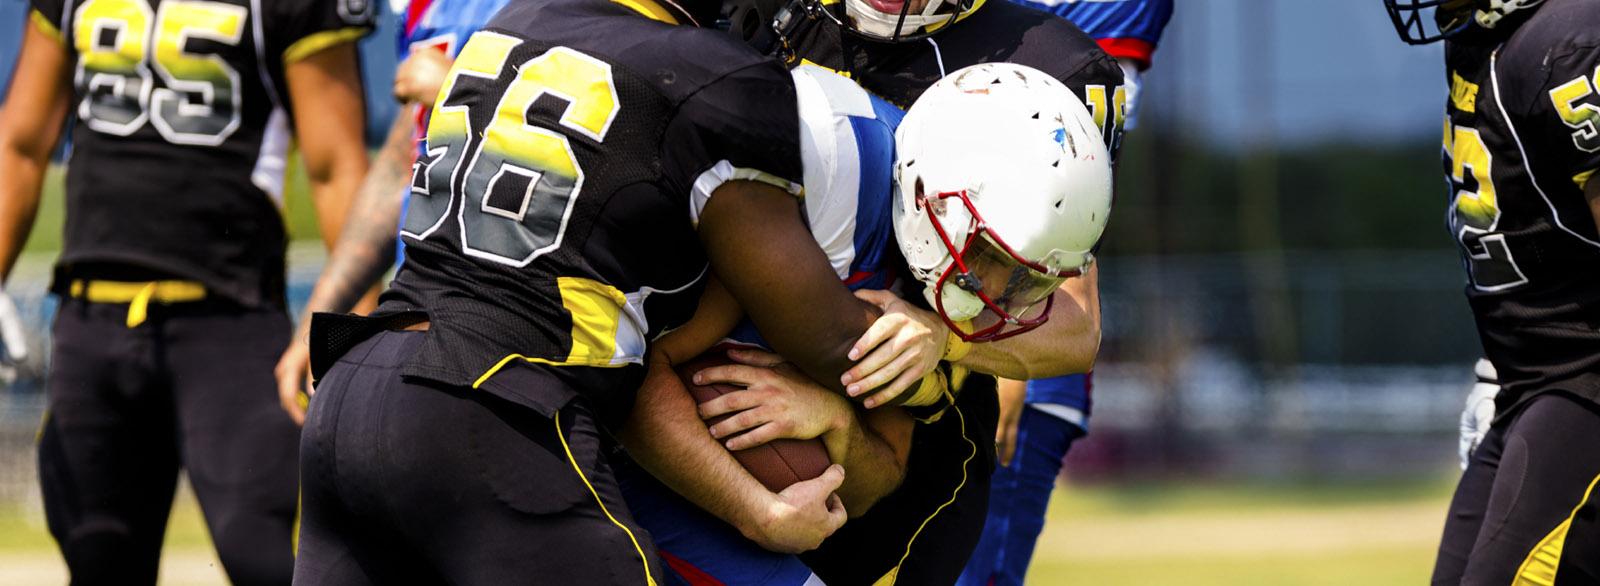 High School football, running back